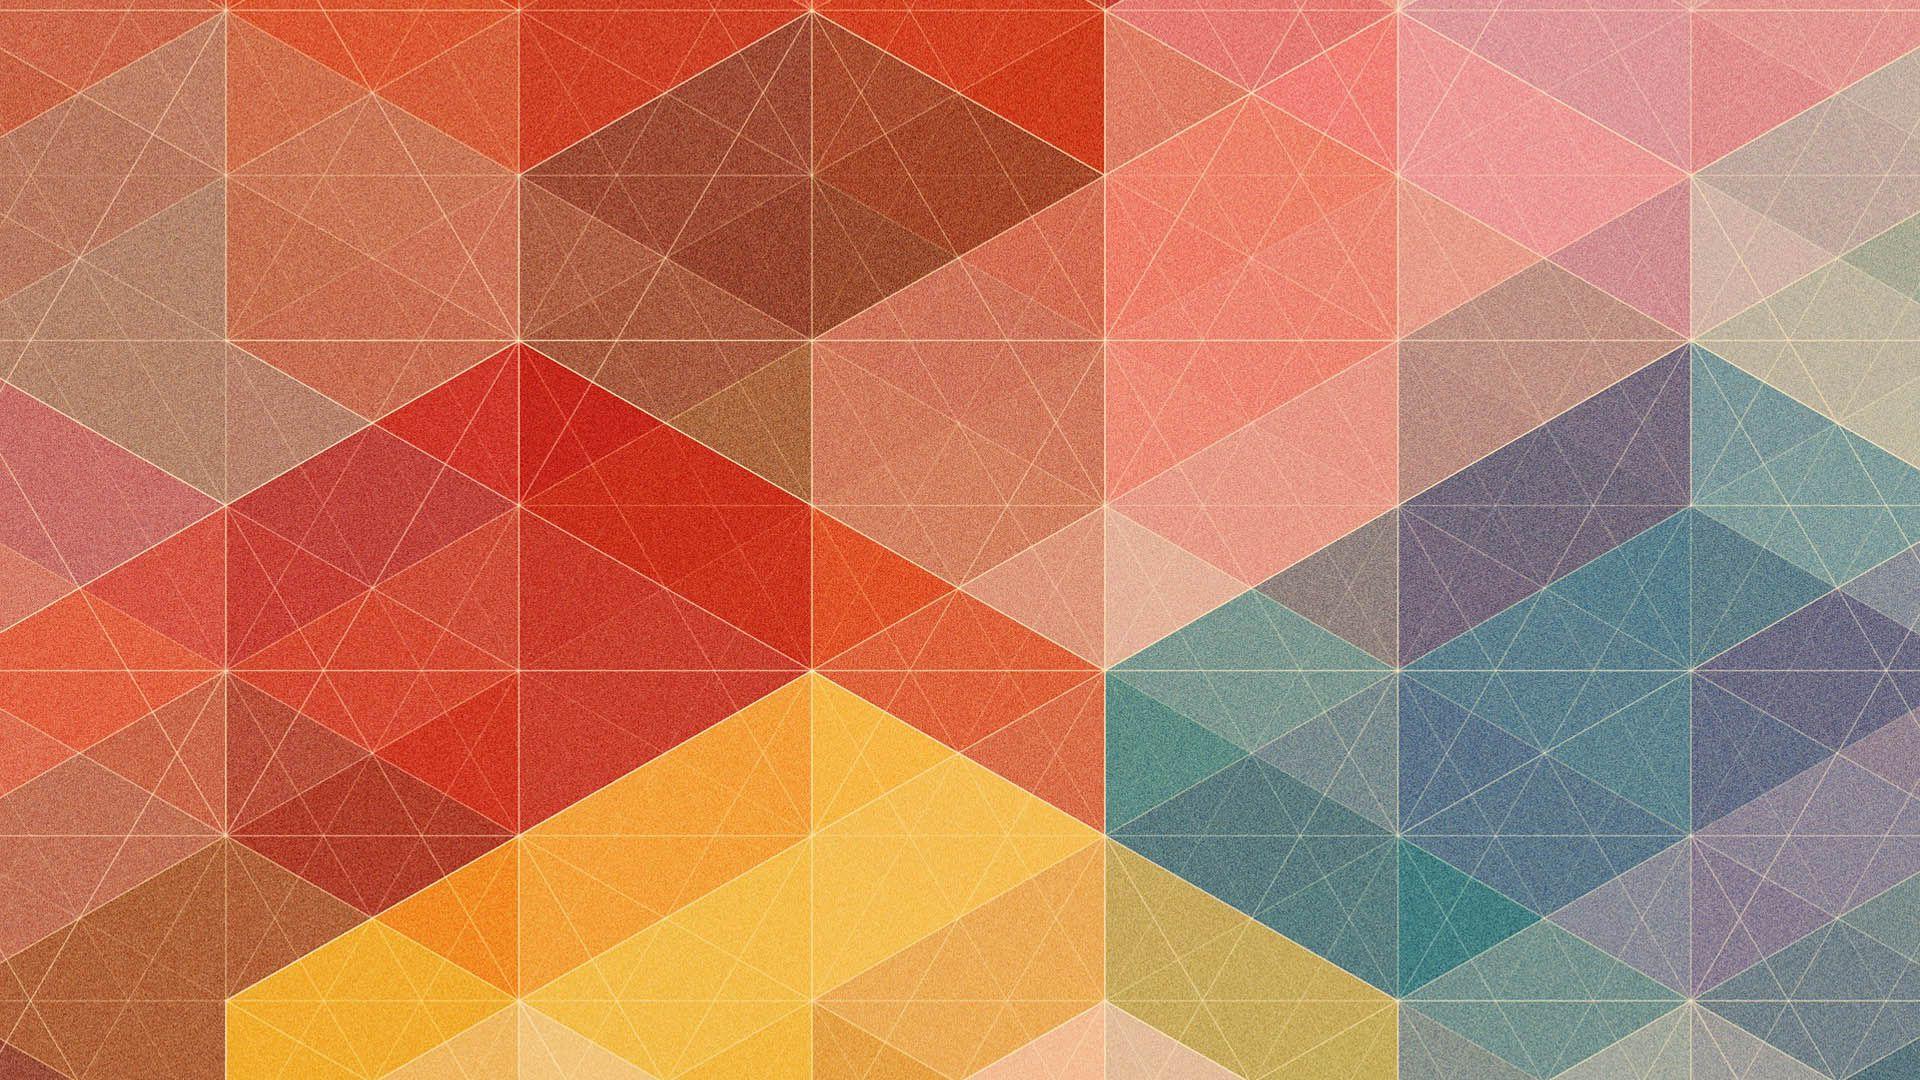 http//p1.pichost.me/i/48/1712309.jpg Polygon pattern